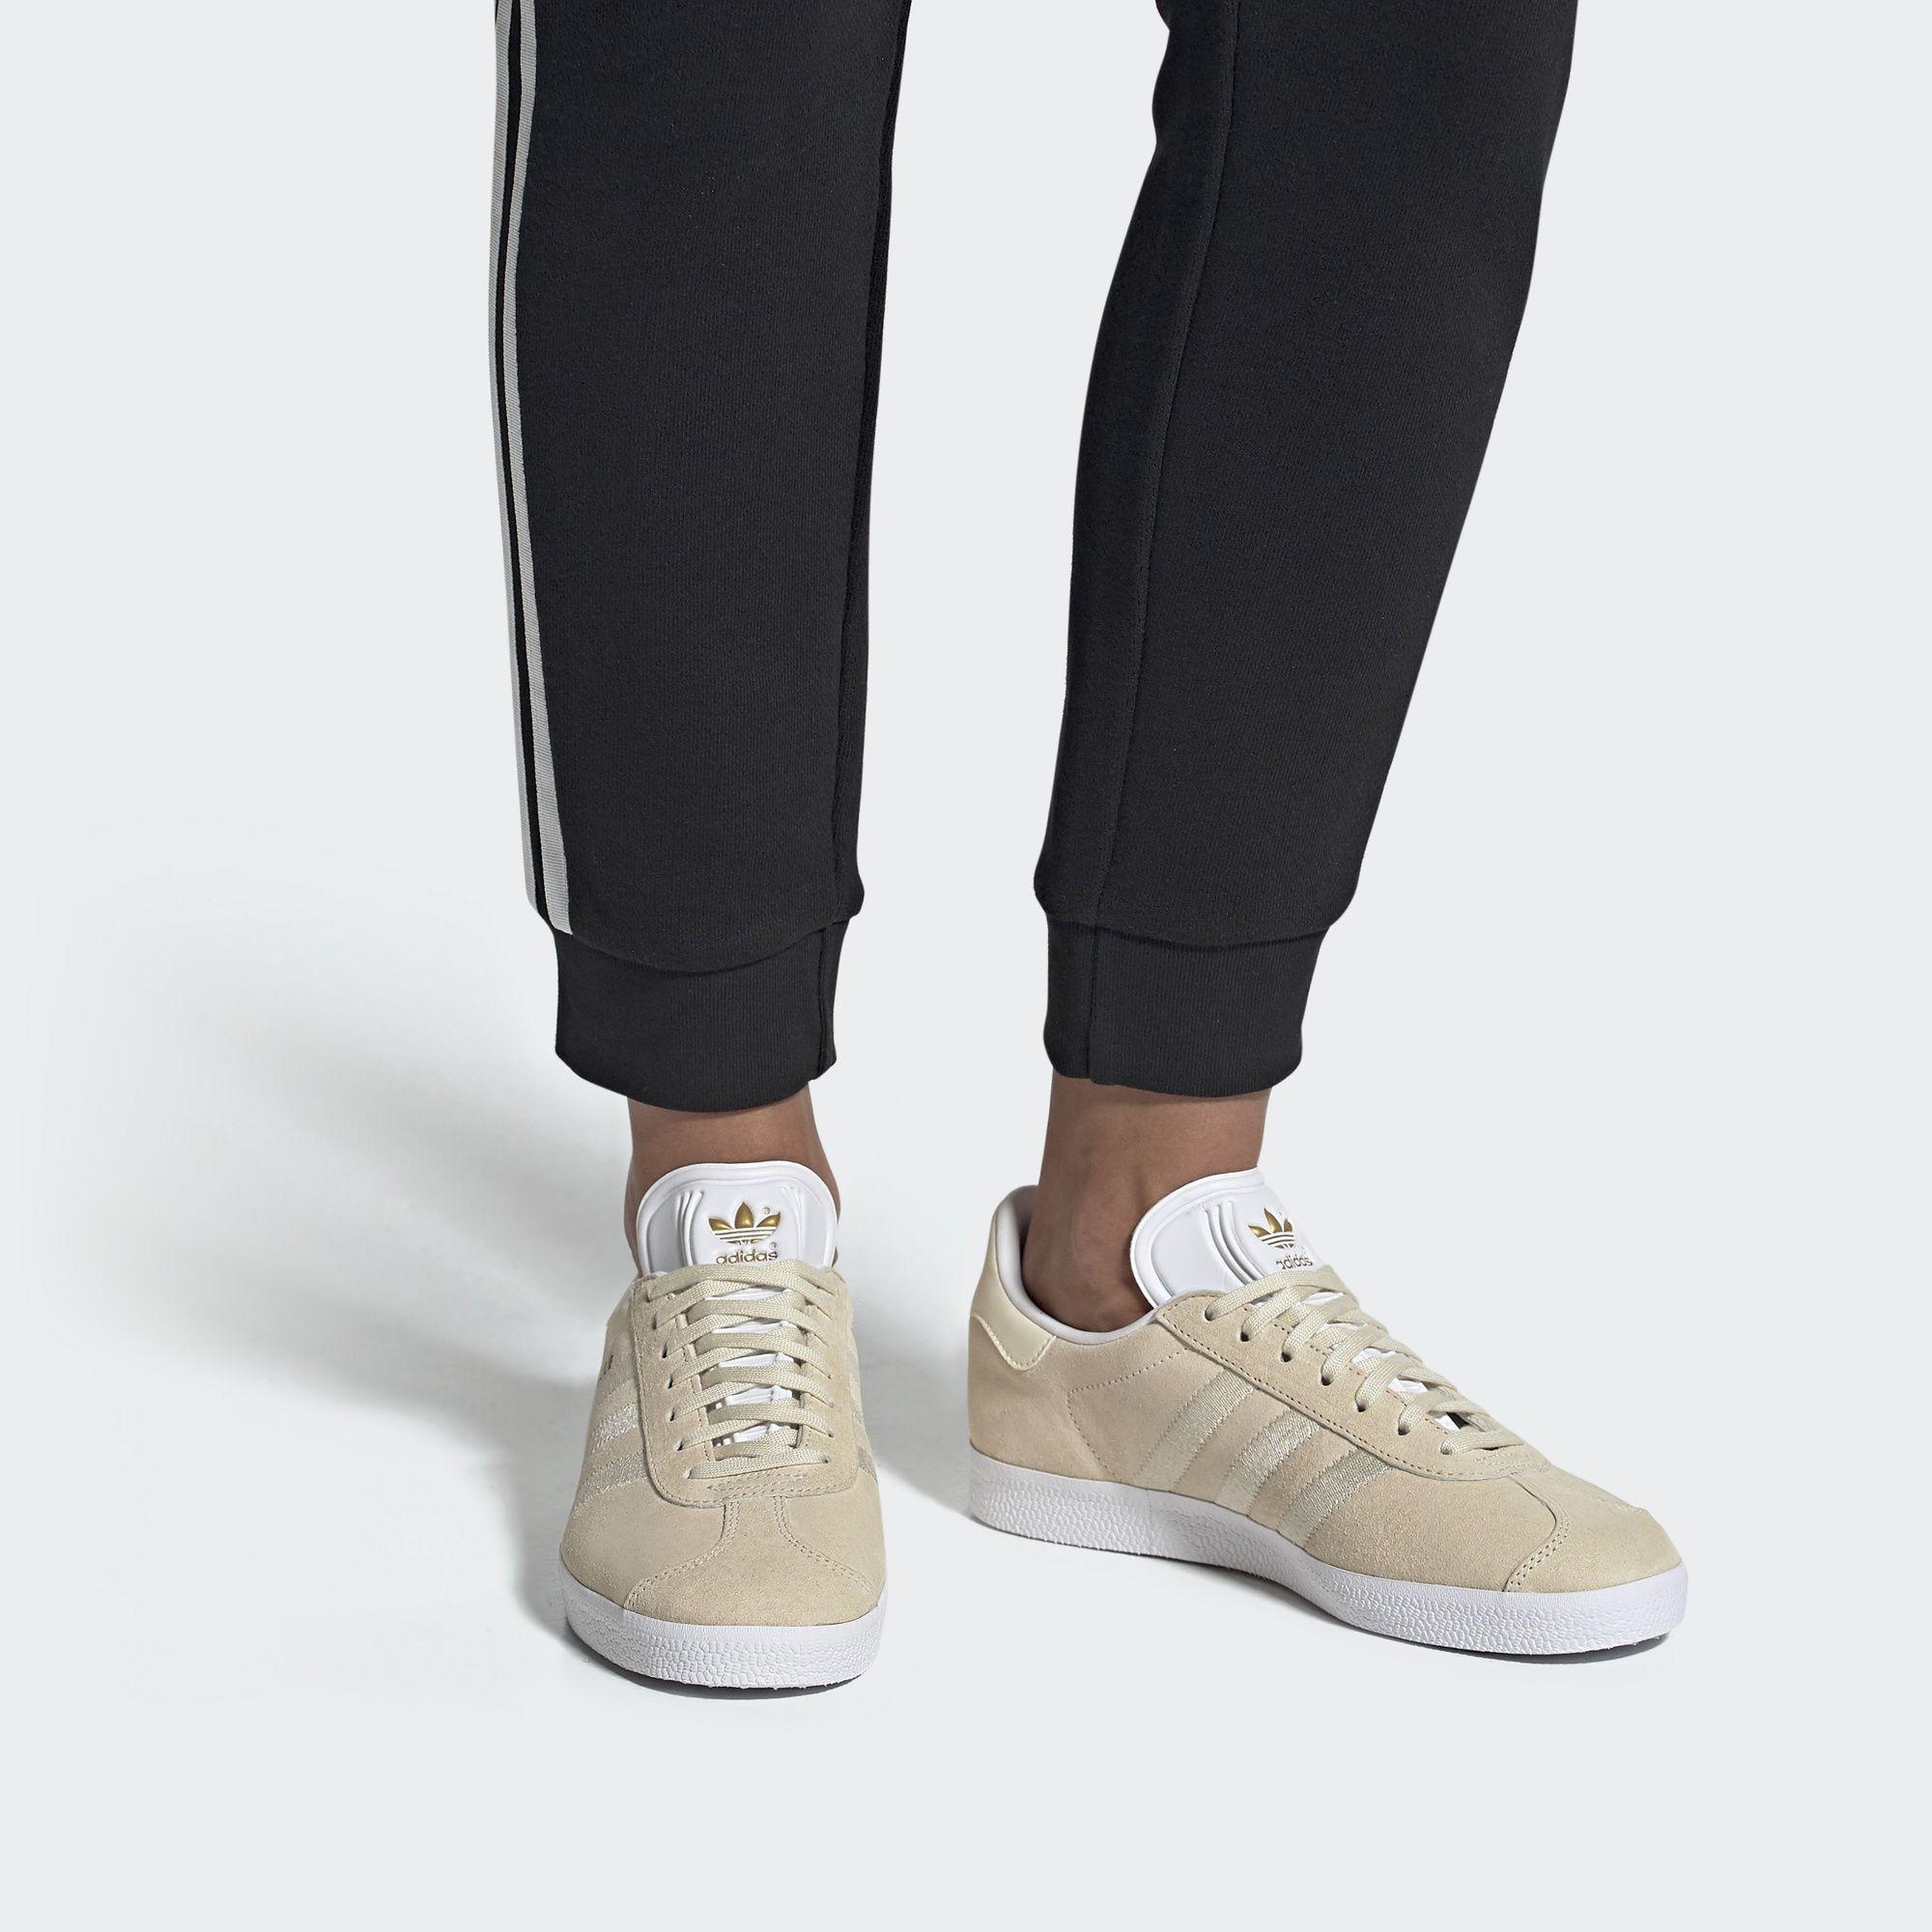 ADIDAS ORIGINALS Sneaker Damen, Weiß / Beige, Größe 37/37.5 ...